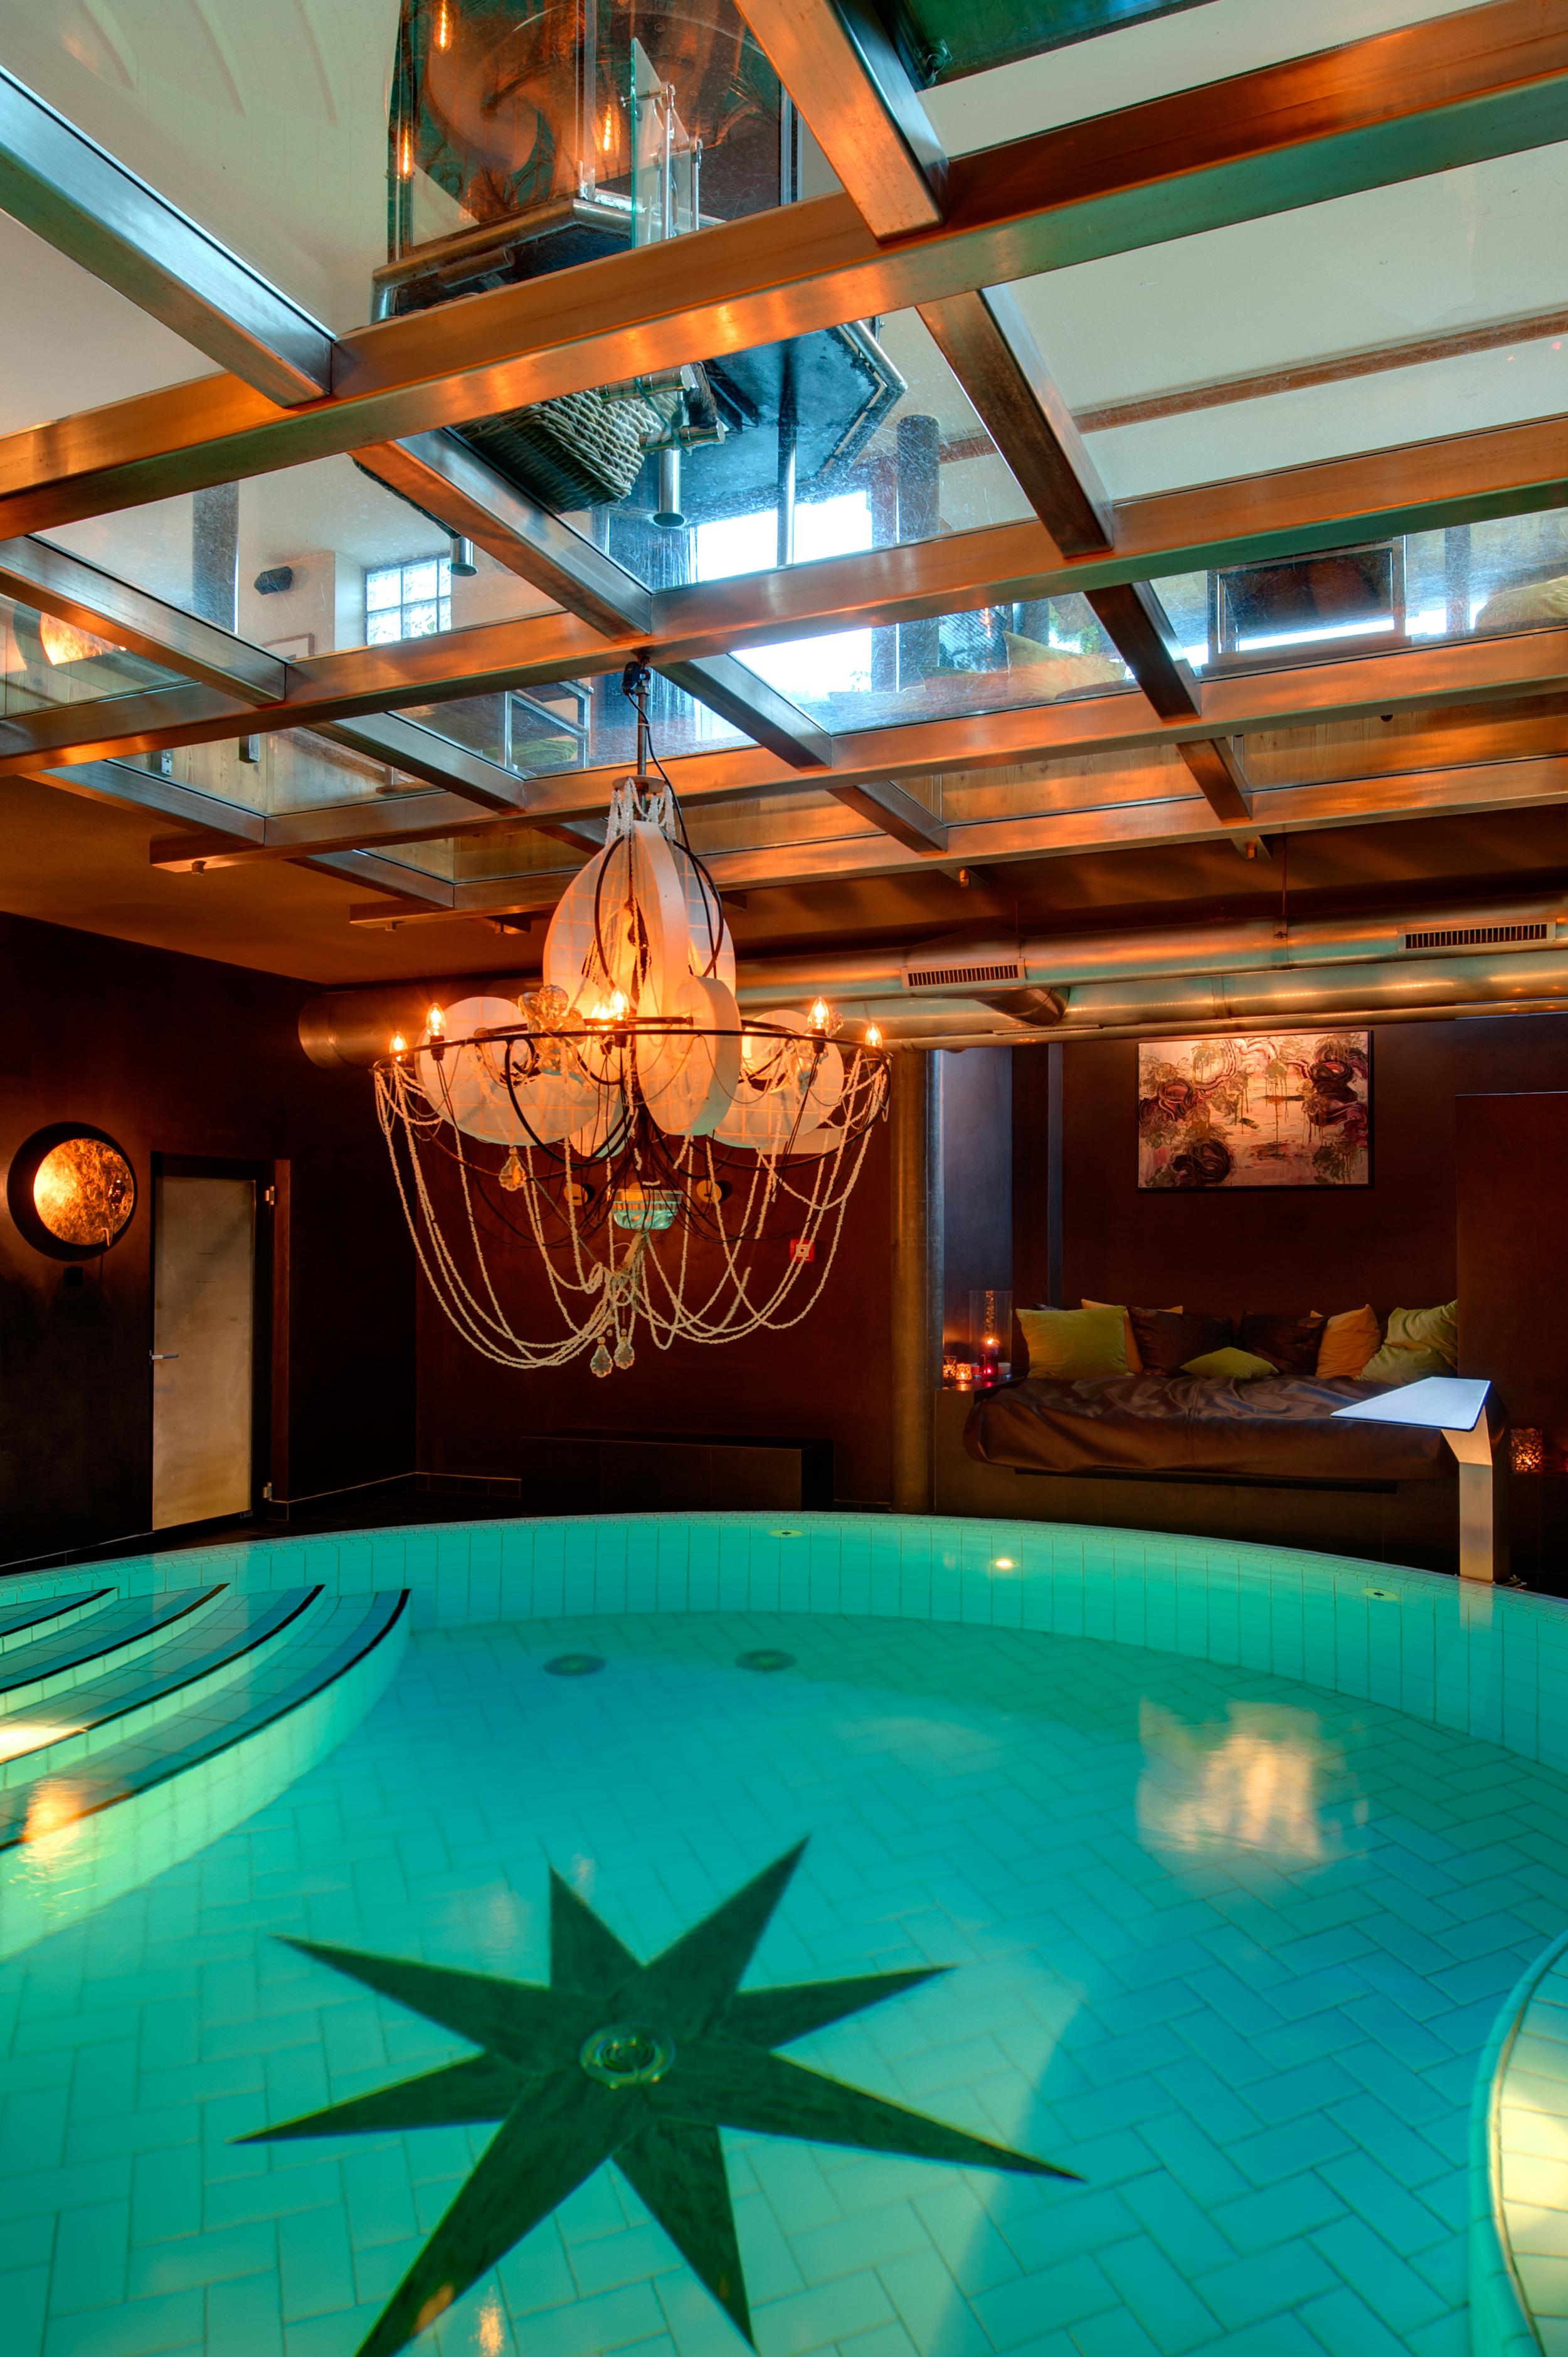 Hotel Coeur Des Alpes 2013 004b copy.jpg